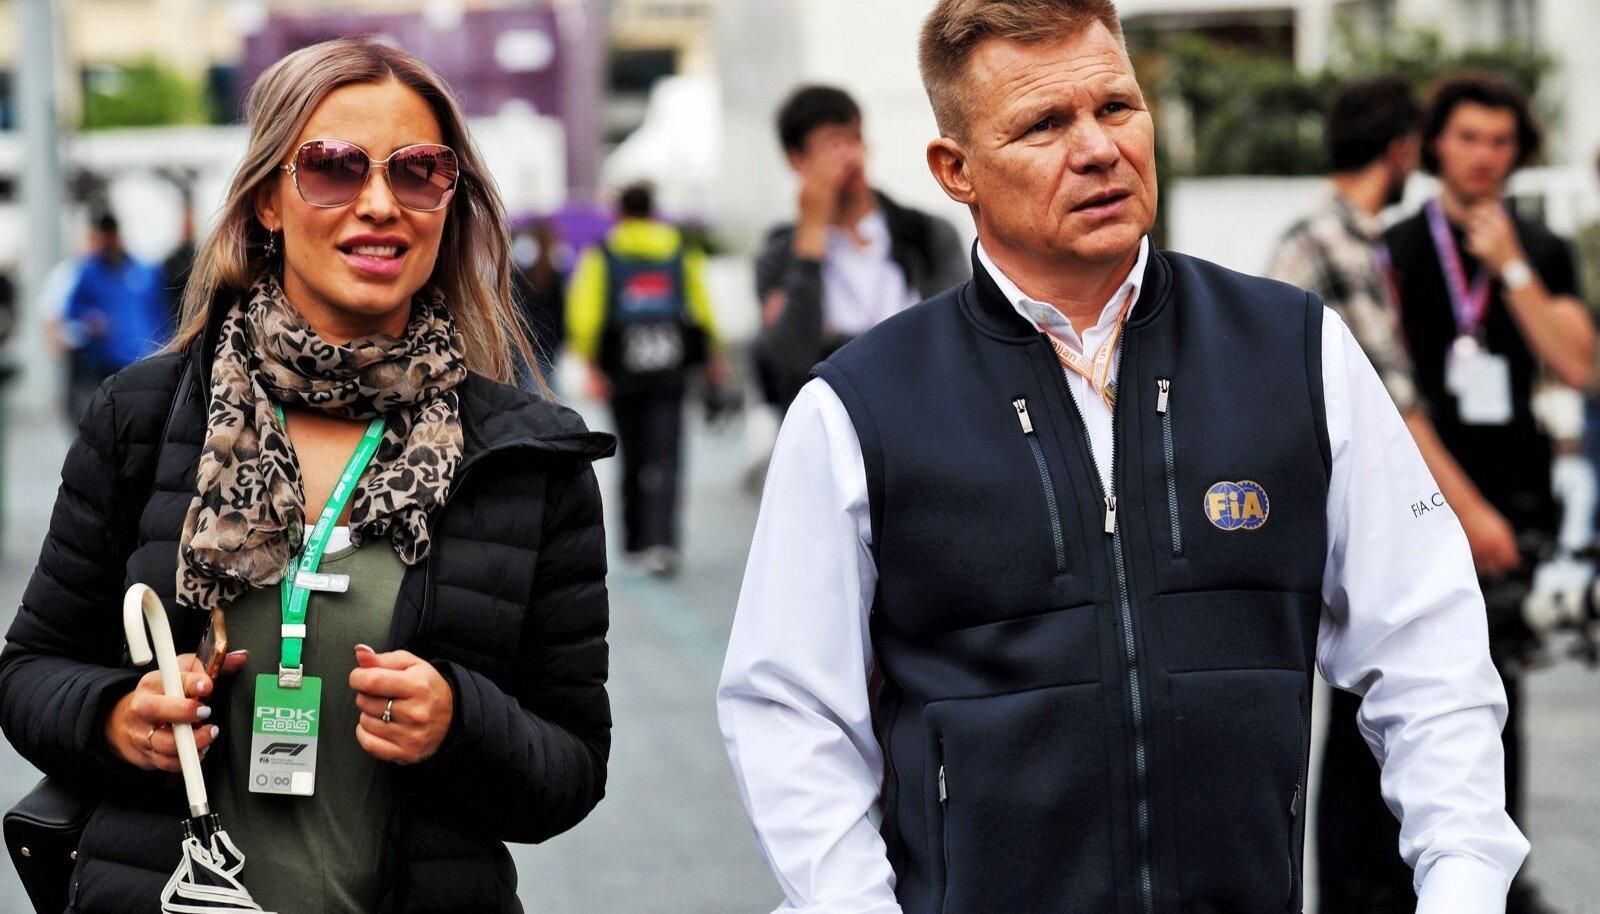 FIA kohtunik Mika Salo koos sõbratar Henna Pihlajaga kaks nädalavahetust tagasi Aserbaidžaani GP-l